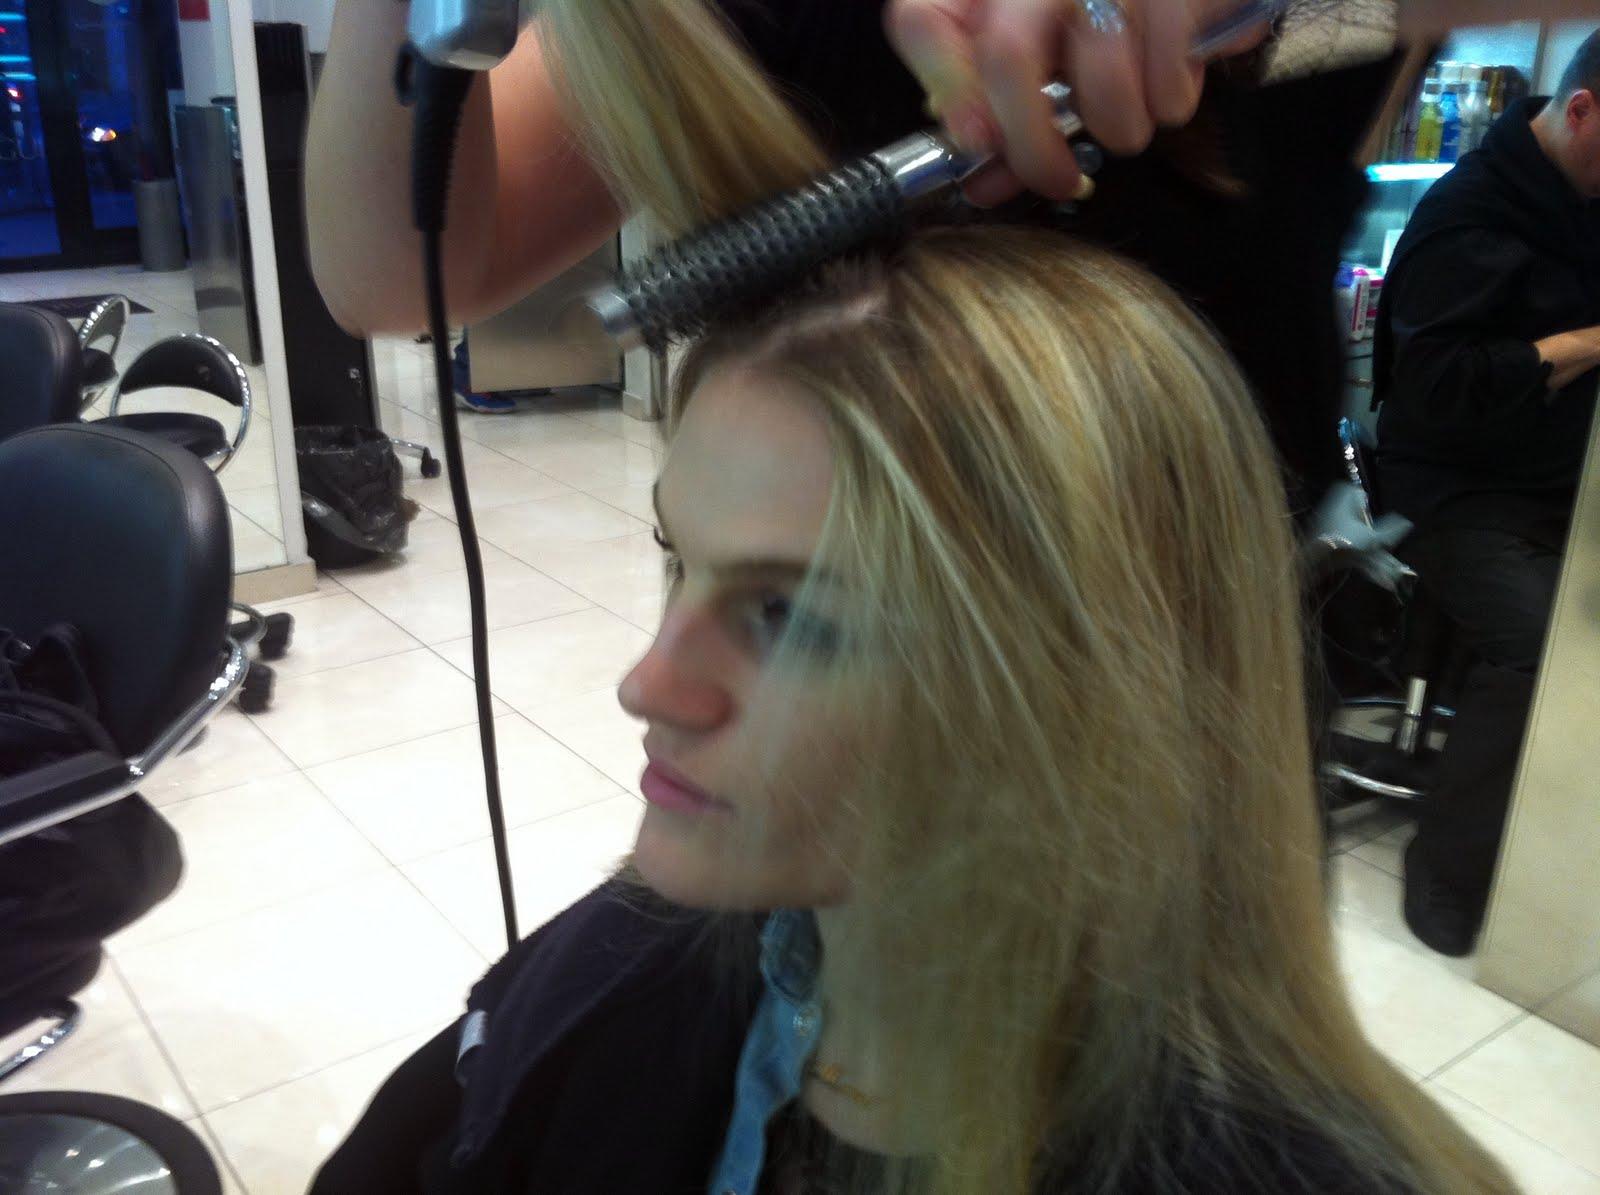 Lissage br silien vraie solution ou mauvaise id e les - Lissage bresilien salon ...